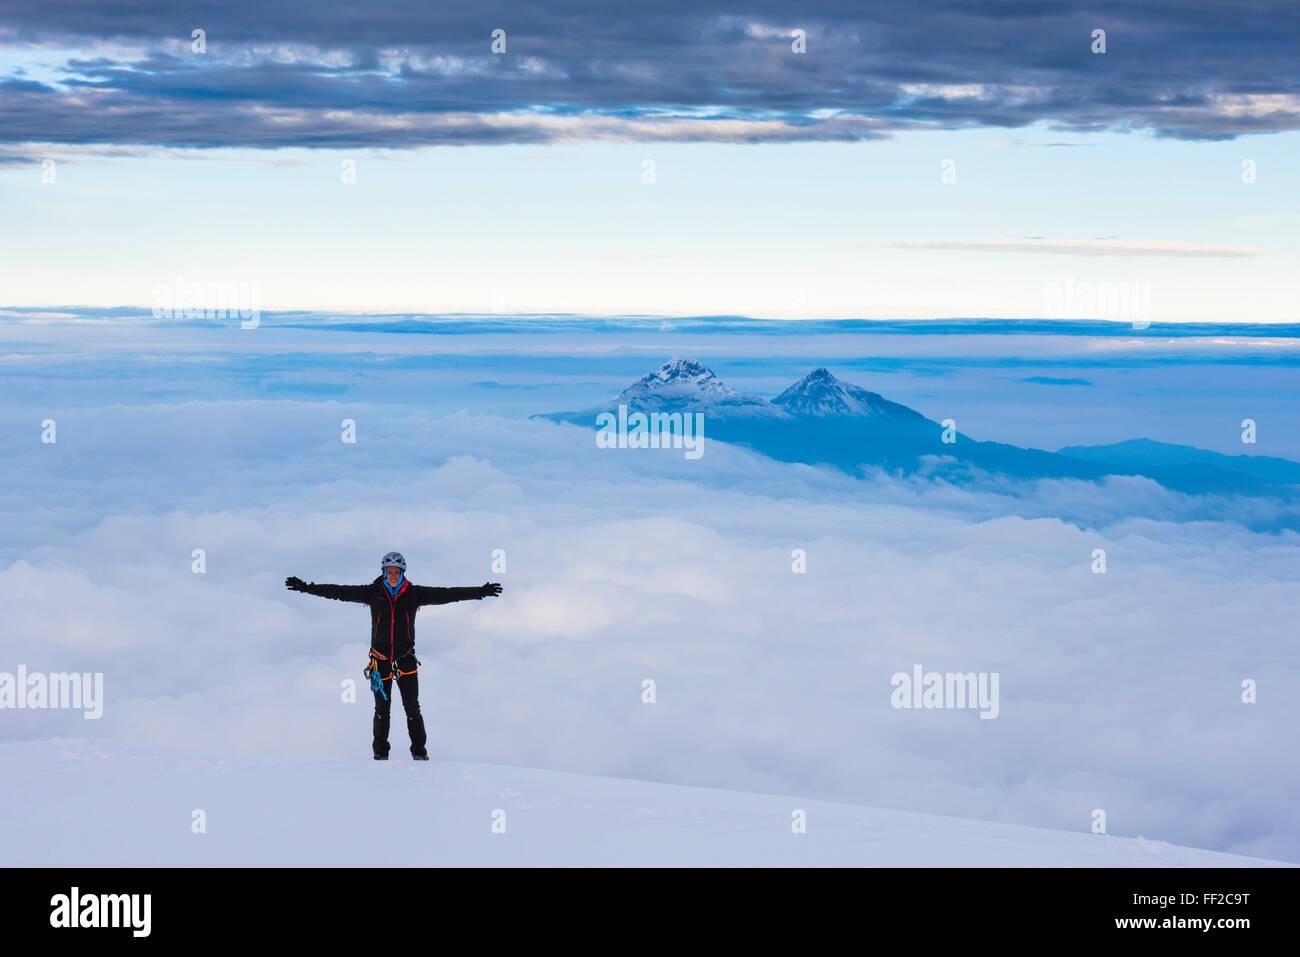 CRMimber con 5897 metros en la cumbre del Cotopaxi VoRMcano, Provincia de Cotopaxi, Ecuador, Sudamérica Foto de stock